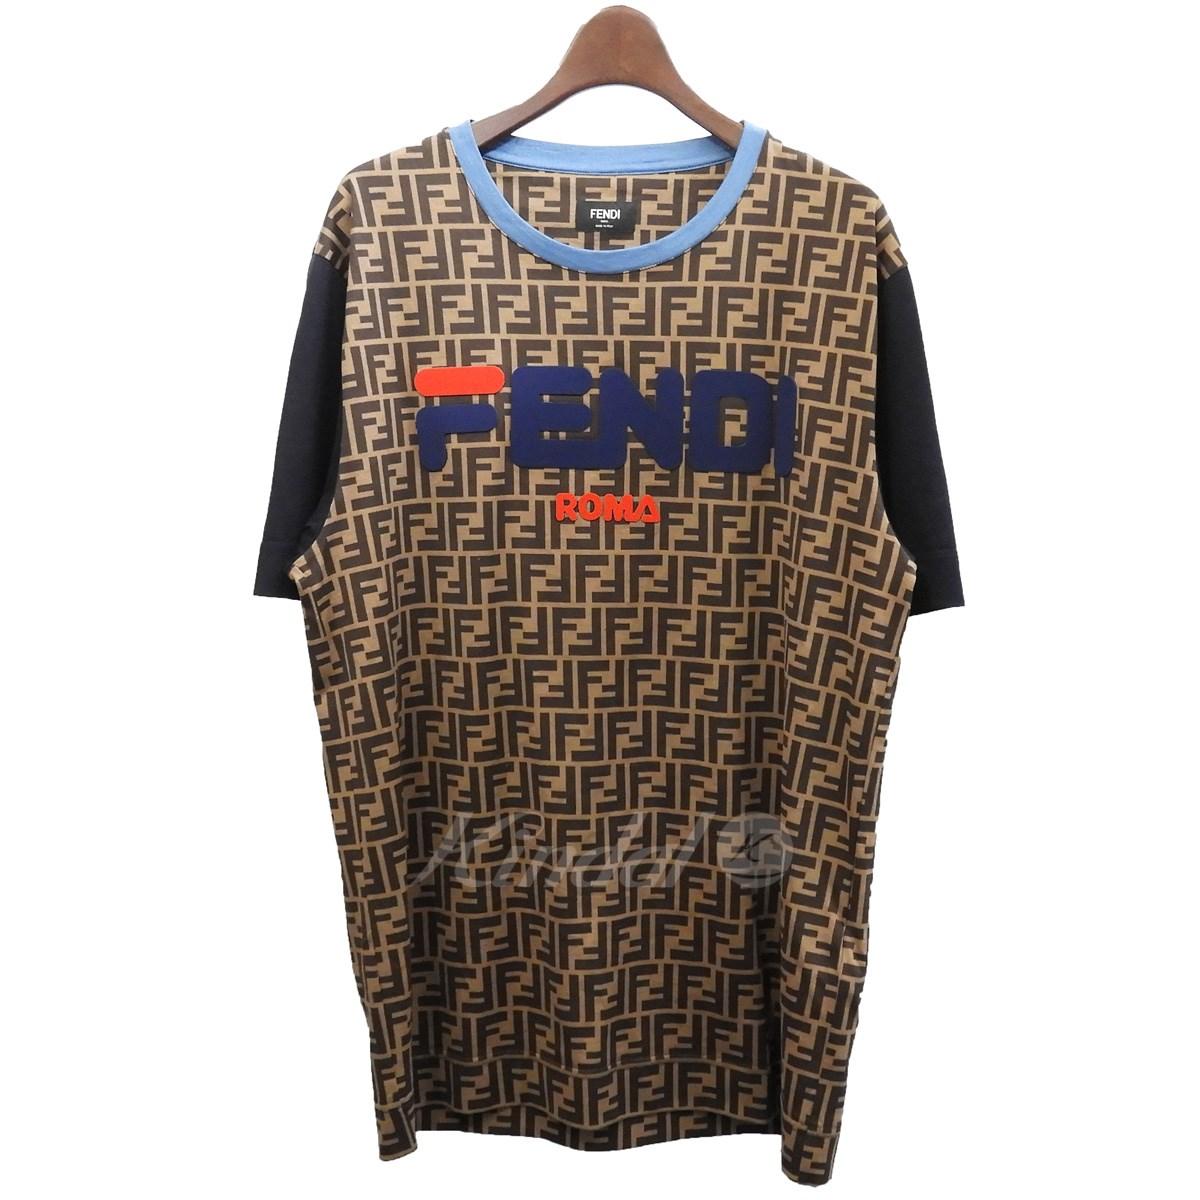 【中古】FENDI×FILA 「FENDI Mania Logo Tee」フェンディマニアロゴTシャツ ブラウン サイズ:XS 【030519】(フェンディ フィラ)